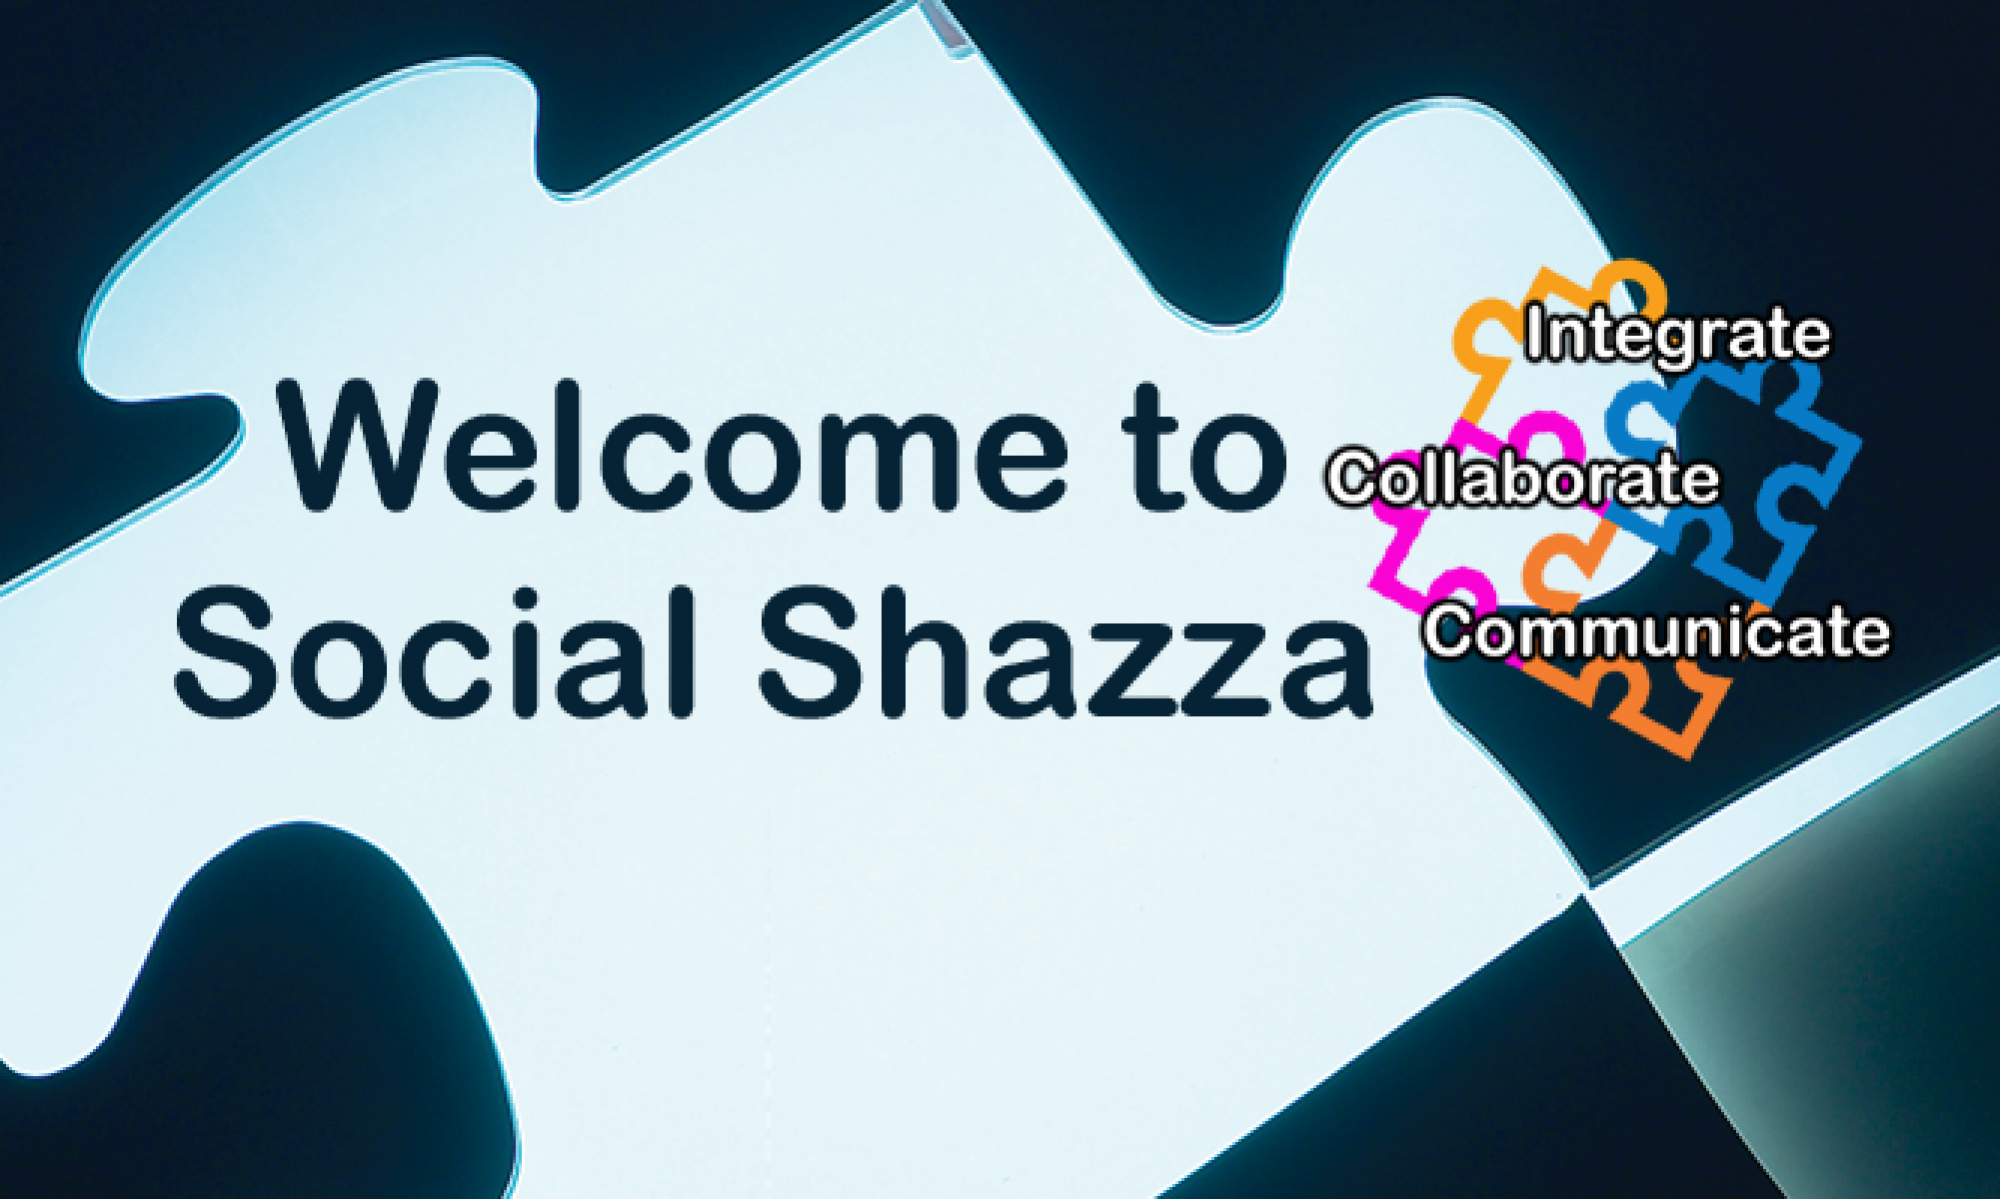 SocialShazza